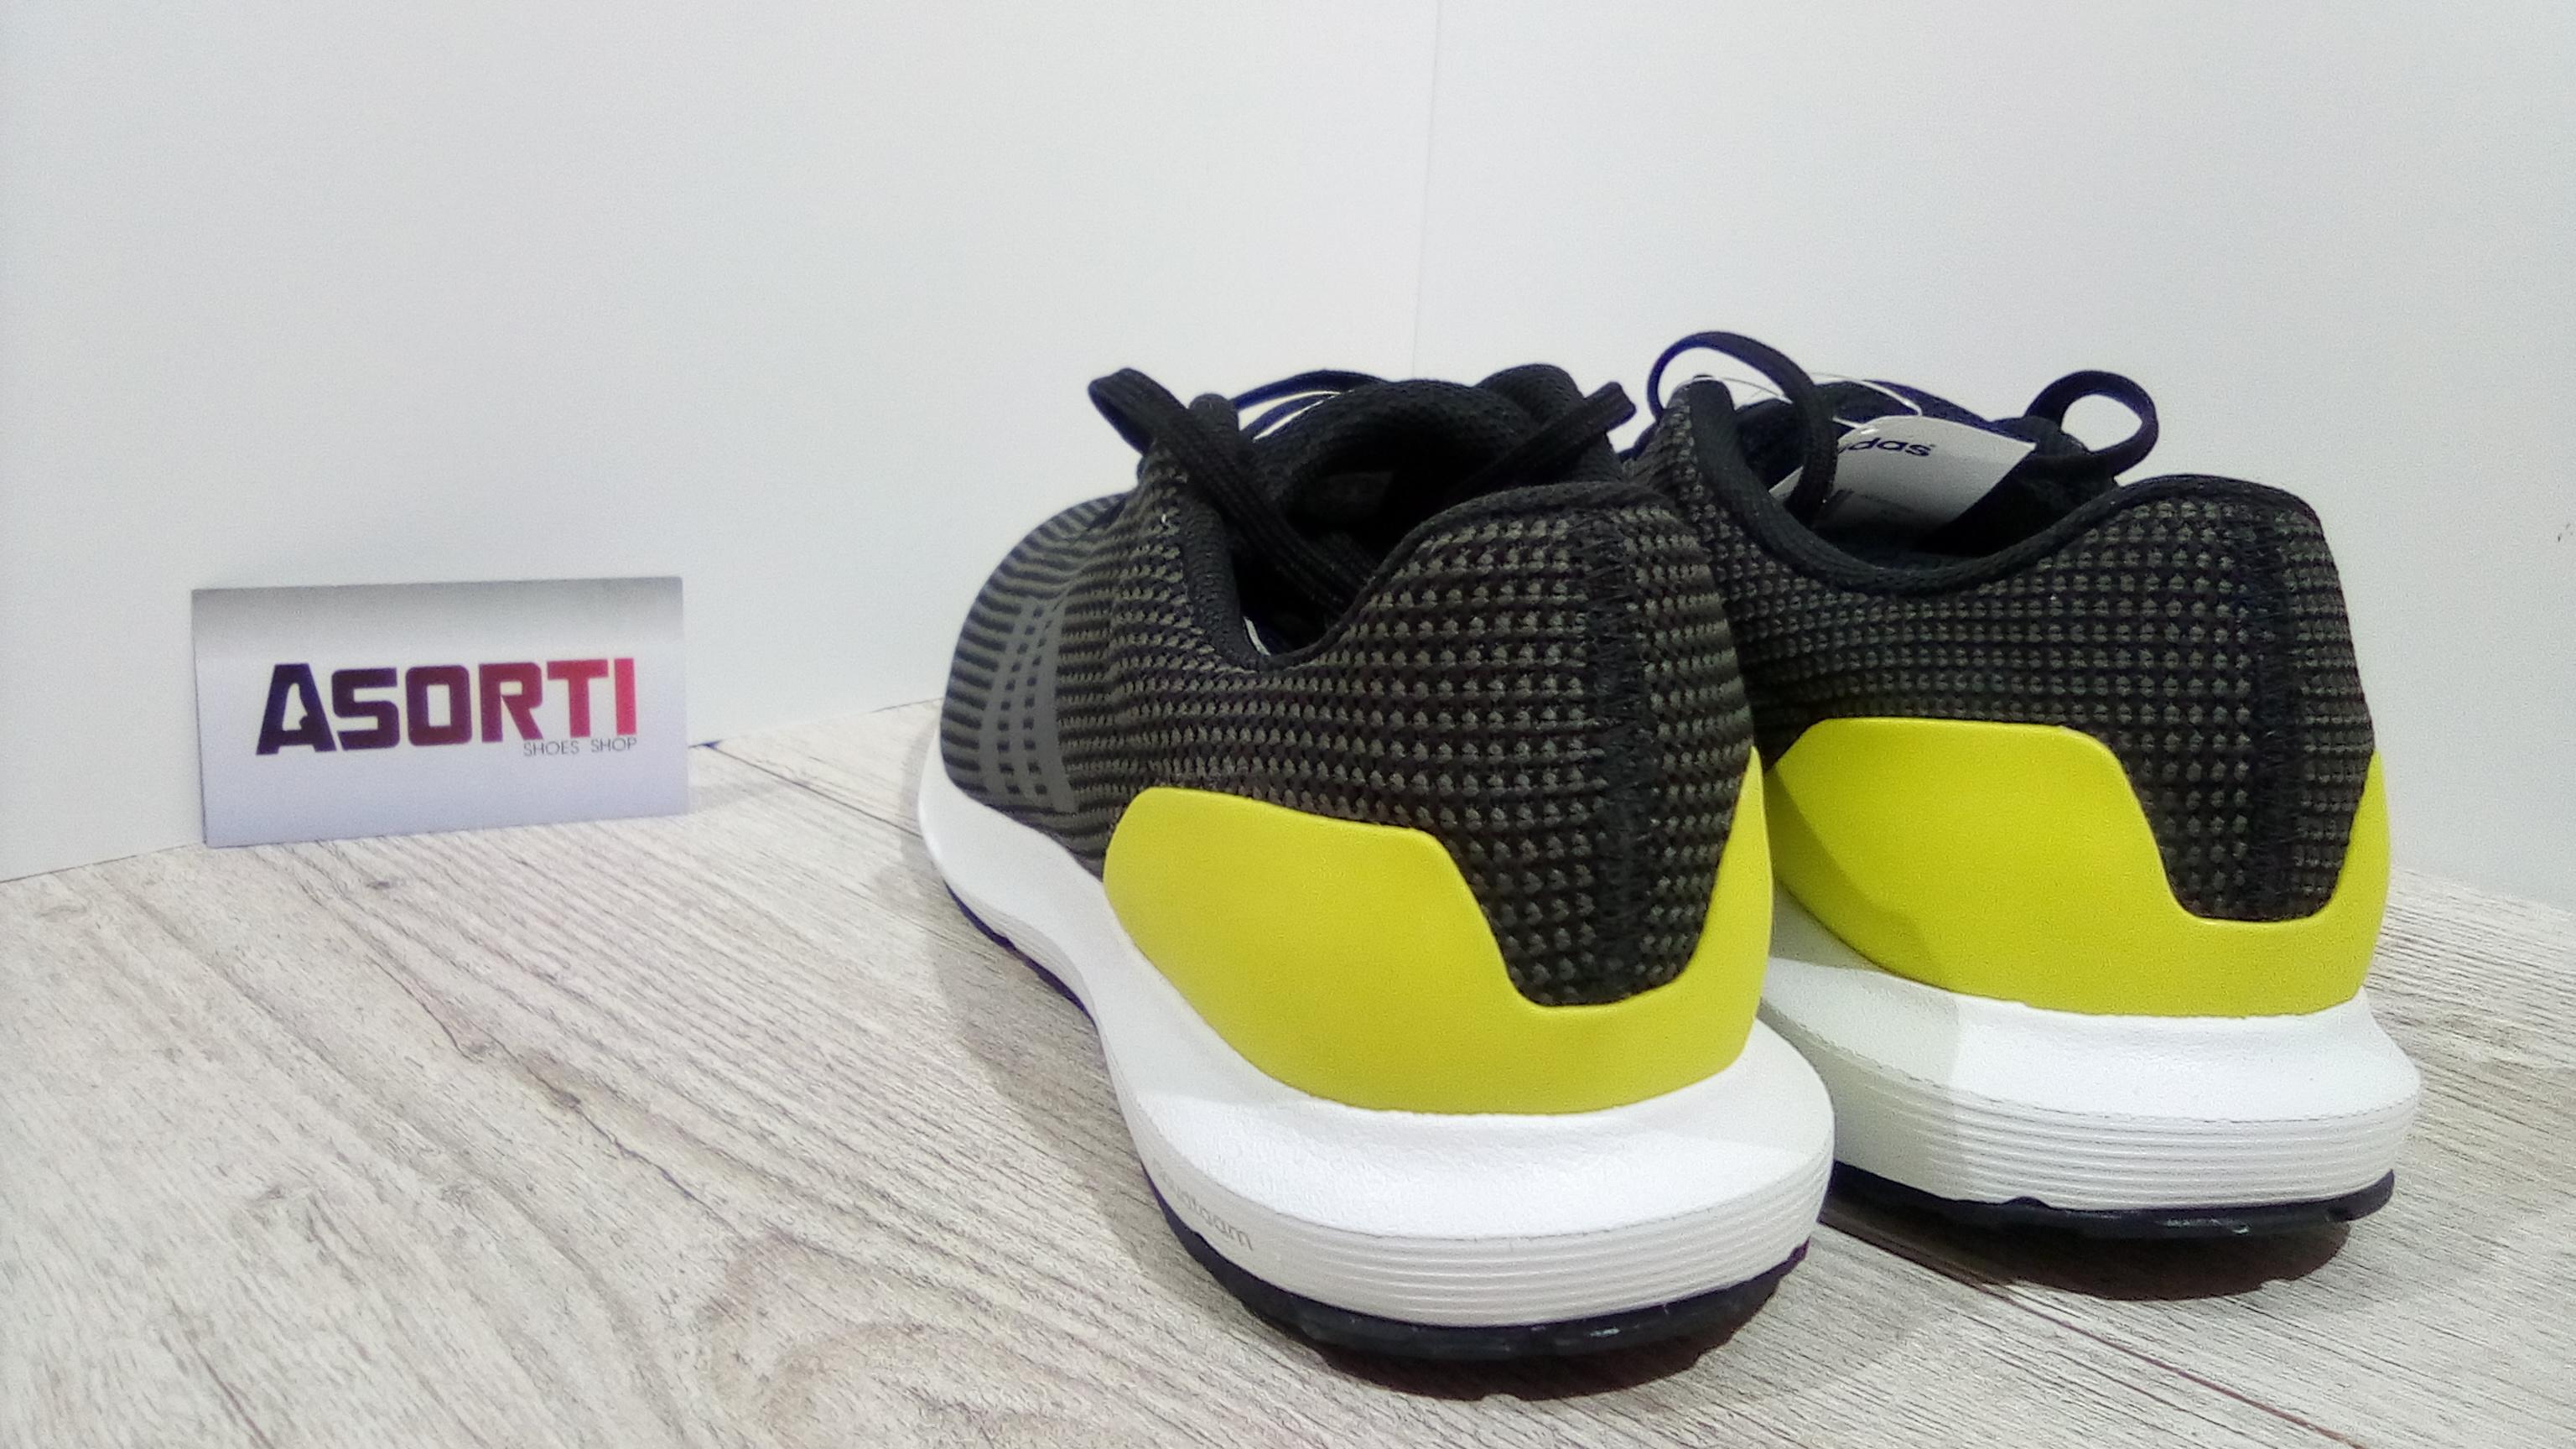 e2a5d3945ea174 Чоловічі бігові кросівки Adidas Cosmic M (AQ2189) чорні/жовті купити ...